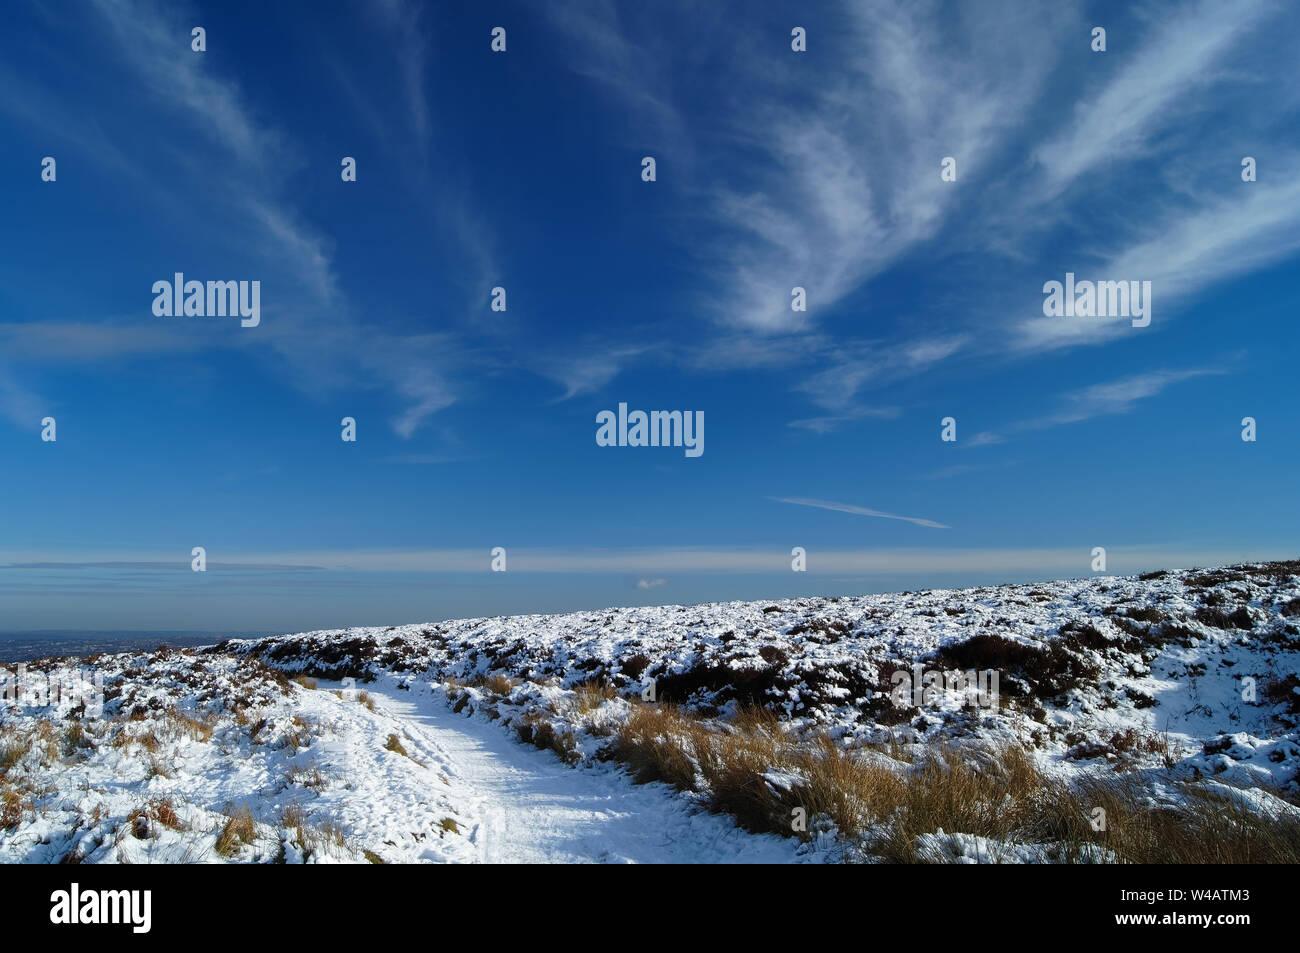 UK,Derbyshire/South Yorkshire, Peak District,Totley,Moss Road à Wimble Holme colline en direction de Totley Banque D'Images